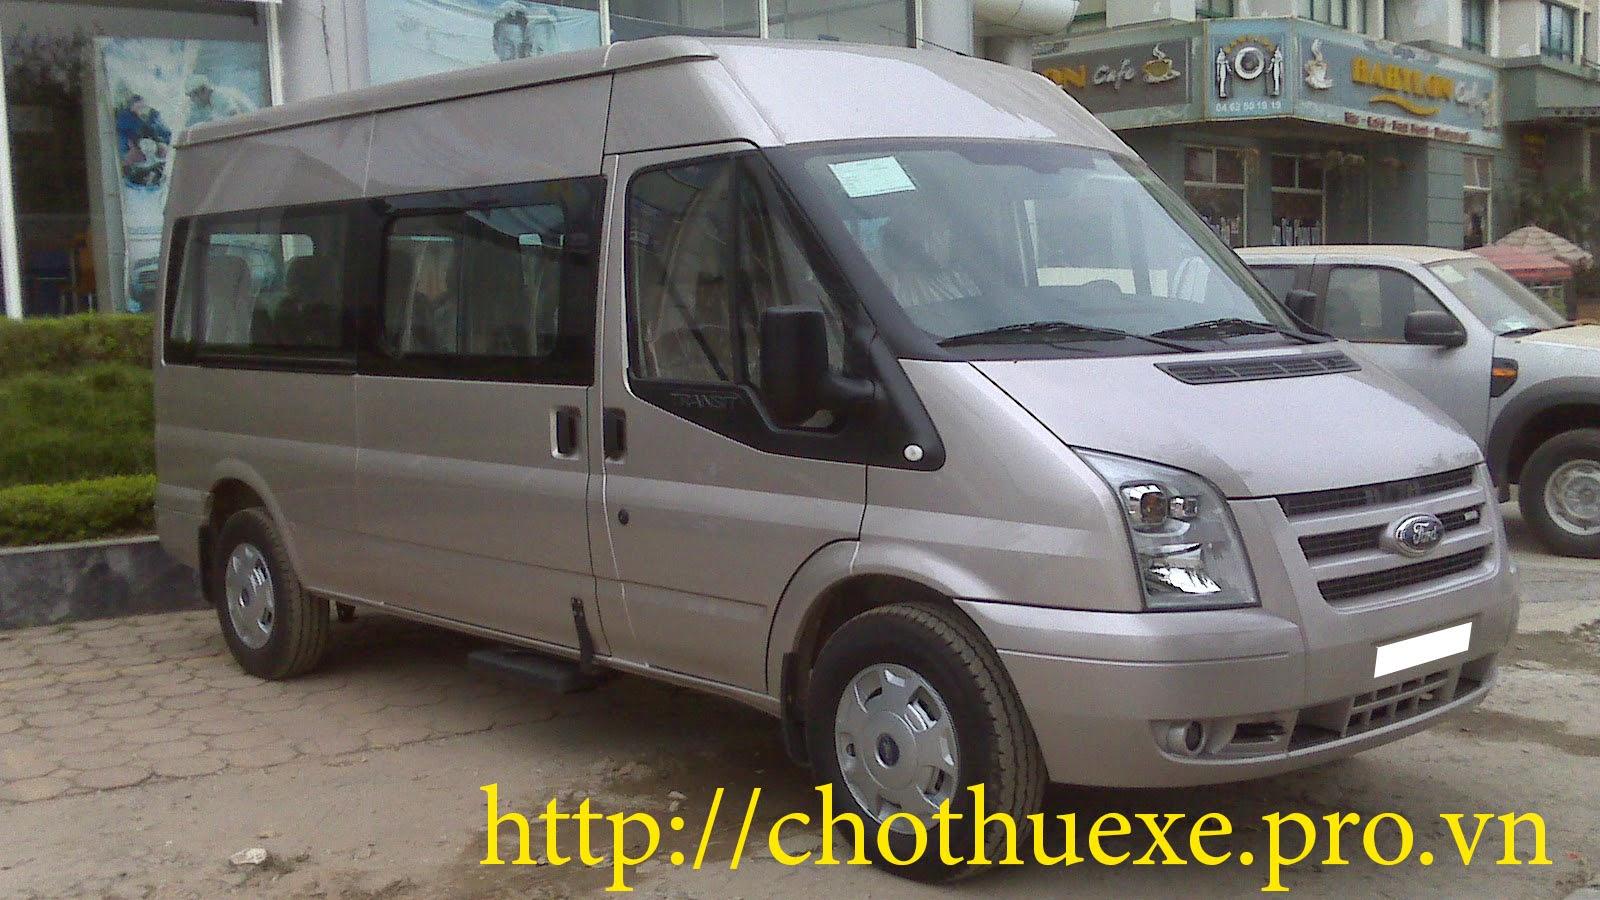 Cho thuê xe đưa đón khách du lịch xe 16 chỗ đẹp, sang, rẻ